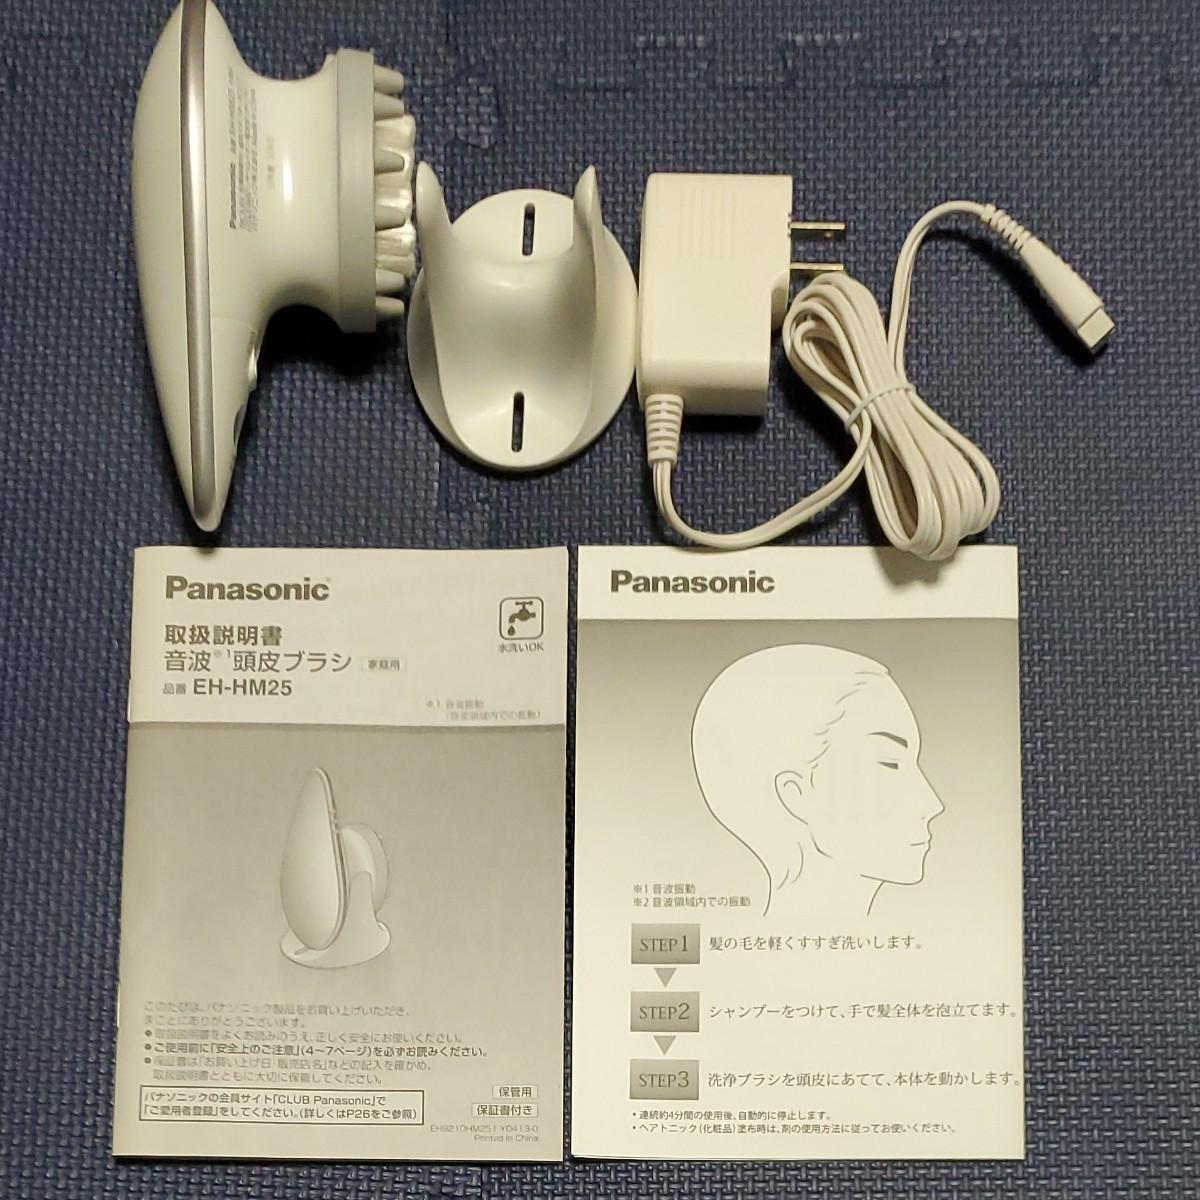 パナソニック 音波頭皮ブラシ